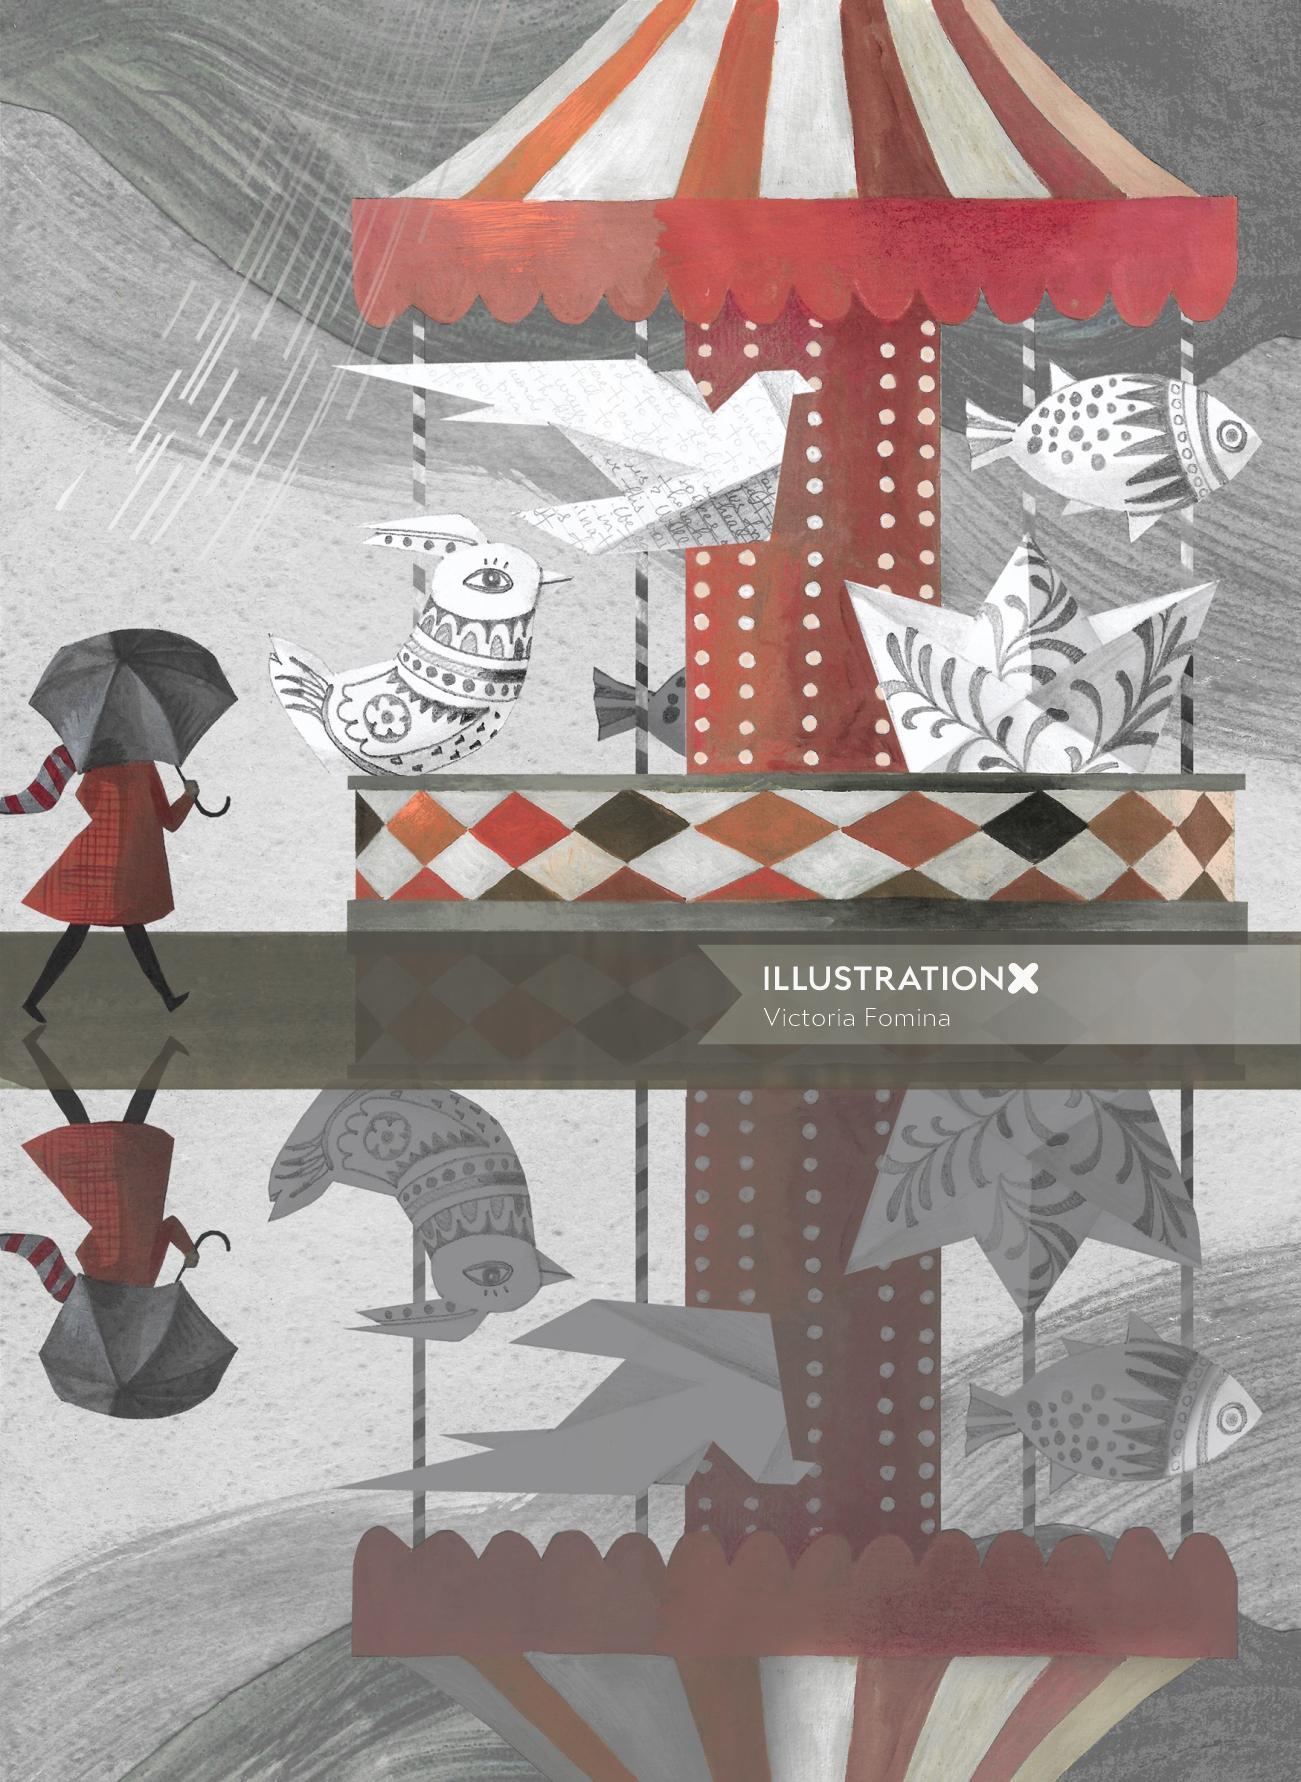 Illustration for Brio Magazine by Victoria Fomina